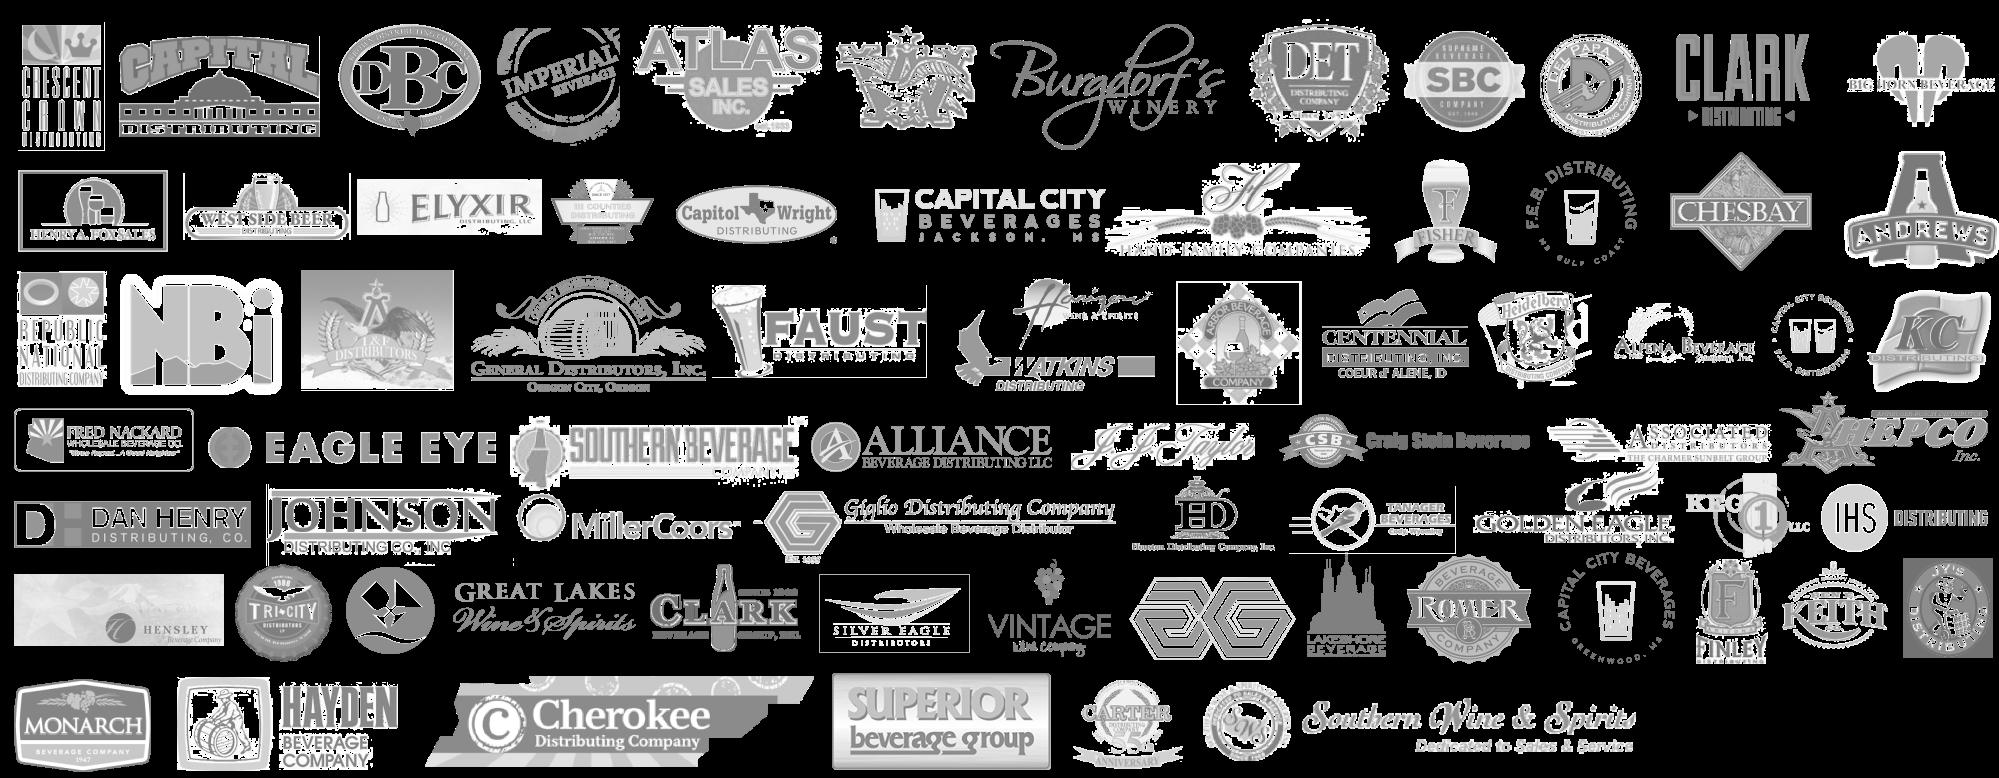 alcohol_dist_logos.png